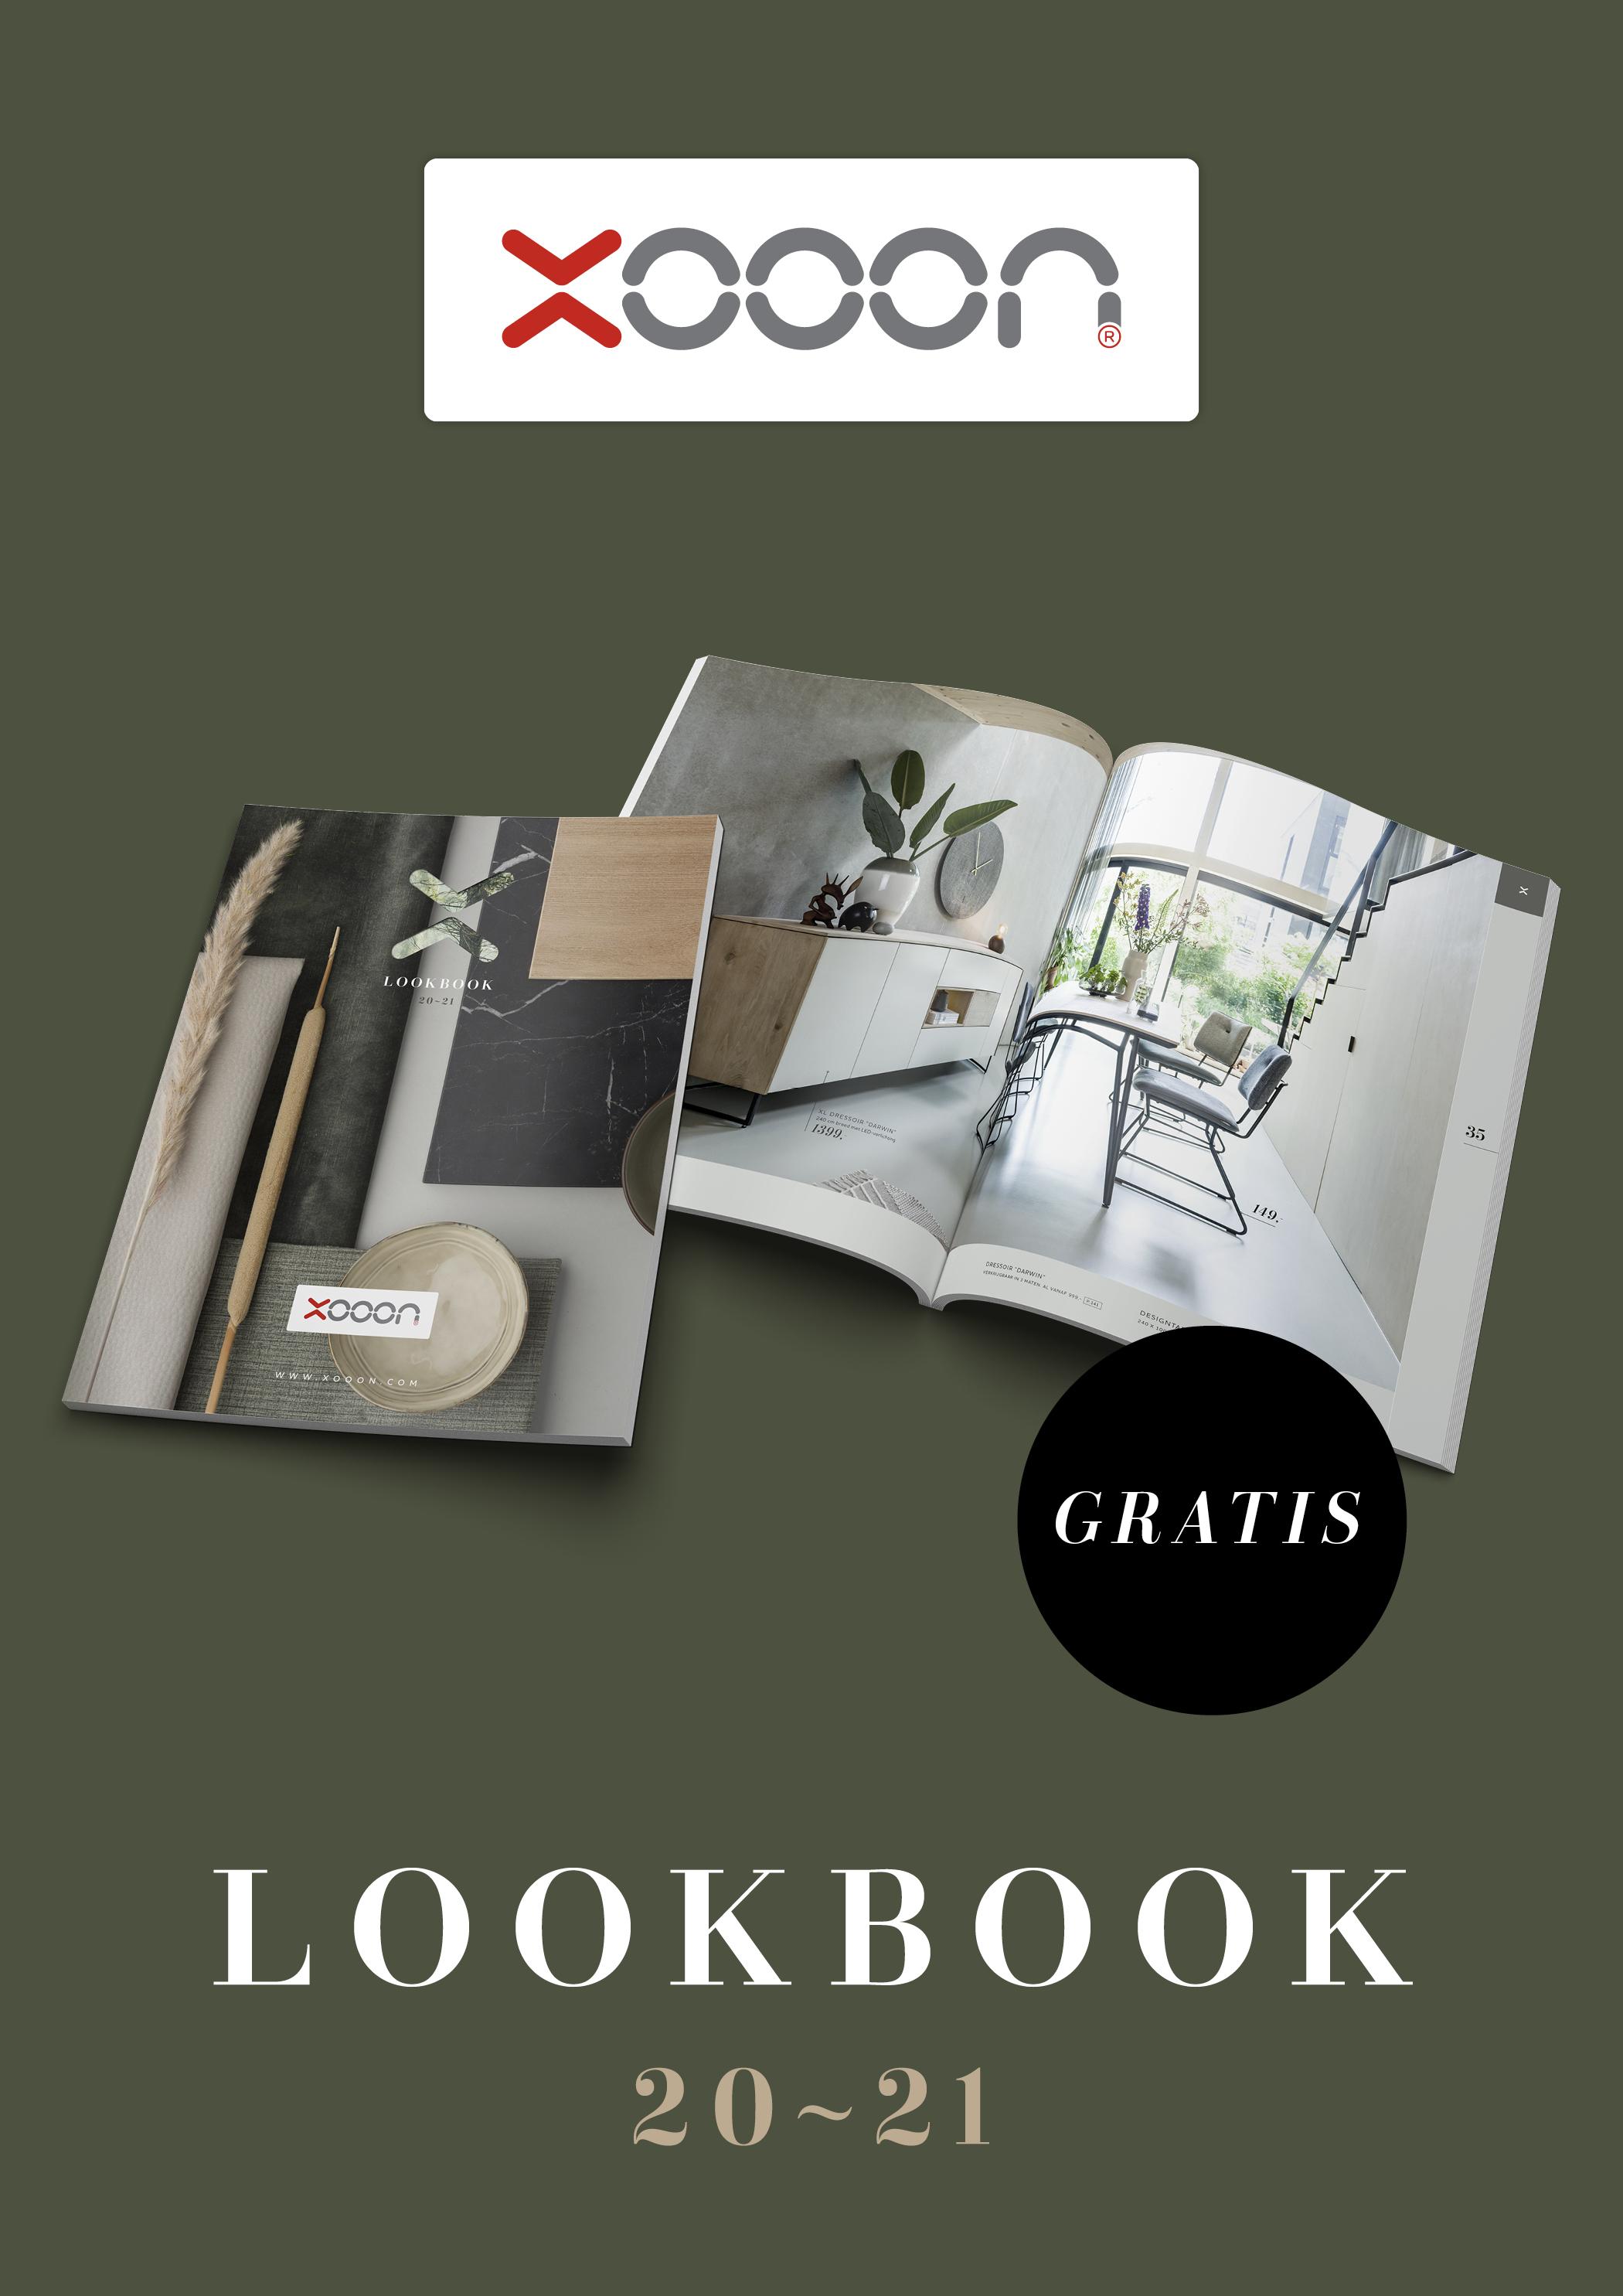 Inspiratie. Bestel gratis XOOON lookbook #xooon #lookbook #designmeubelen